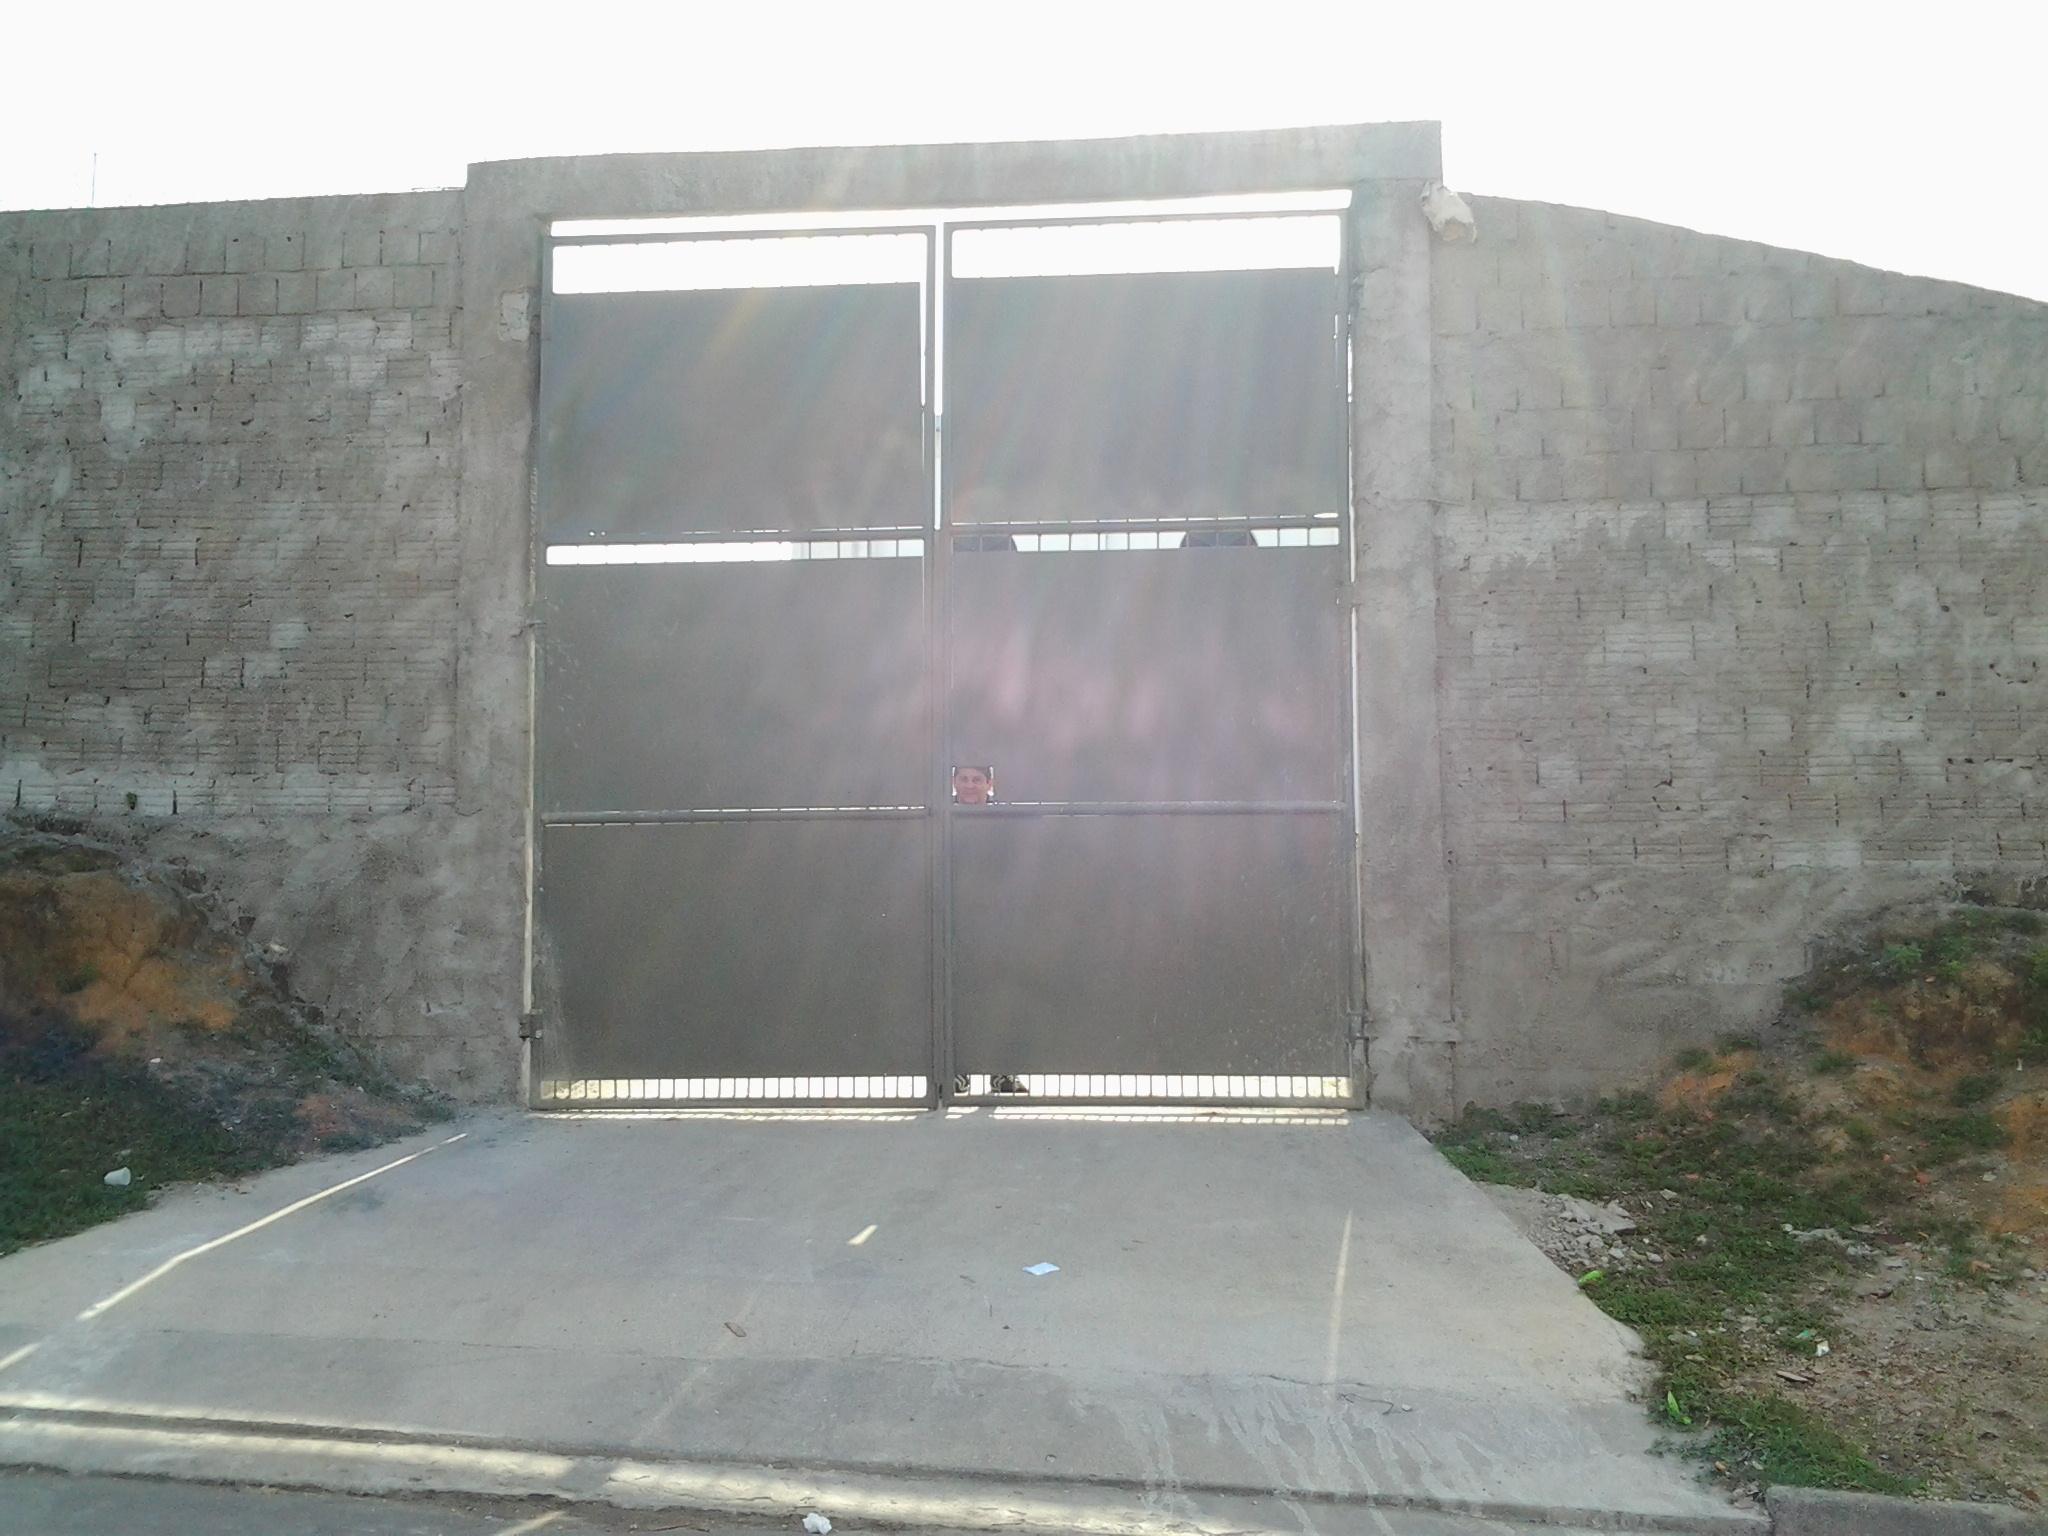 No ano de 2013 prossegue-se com as melhorias no templo do Monte das Oliveiras, visando a uma melhoria na segurança. São erguidos os muros e portões e realizada uma reestruturação na parte externa, fachada e calçadas.